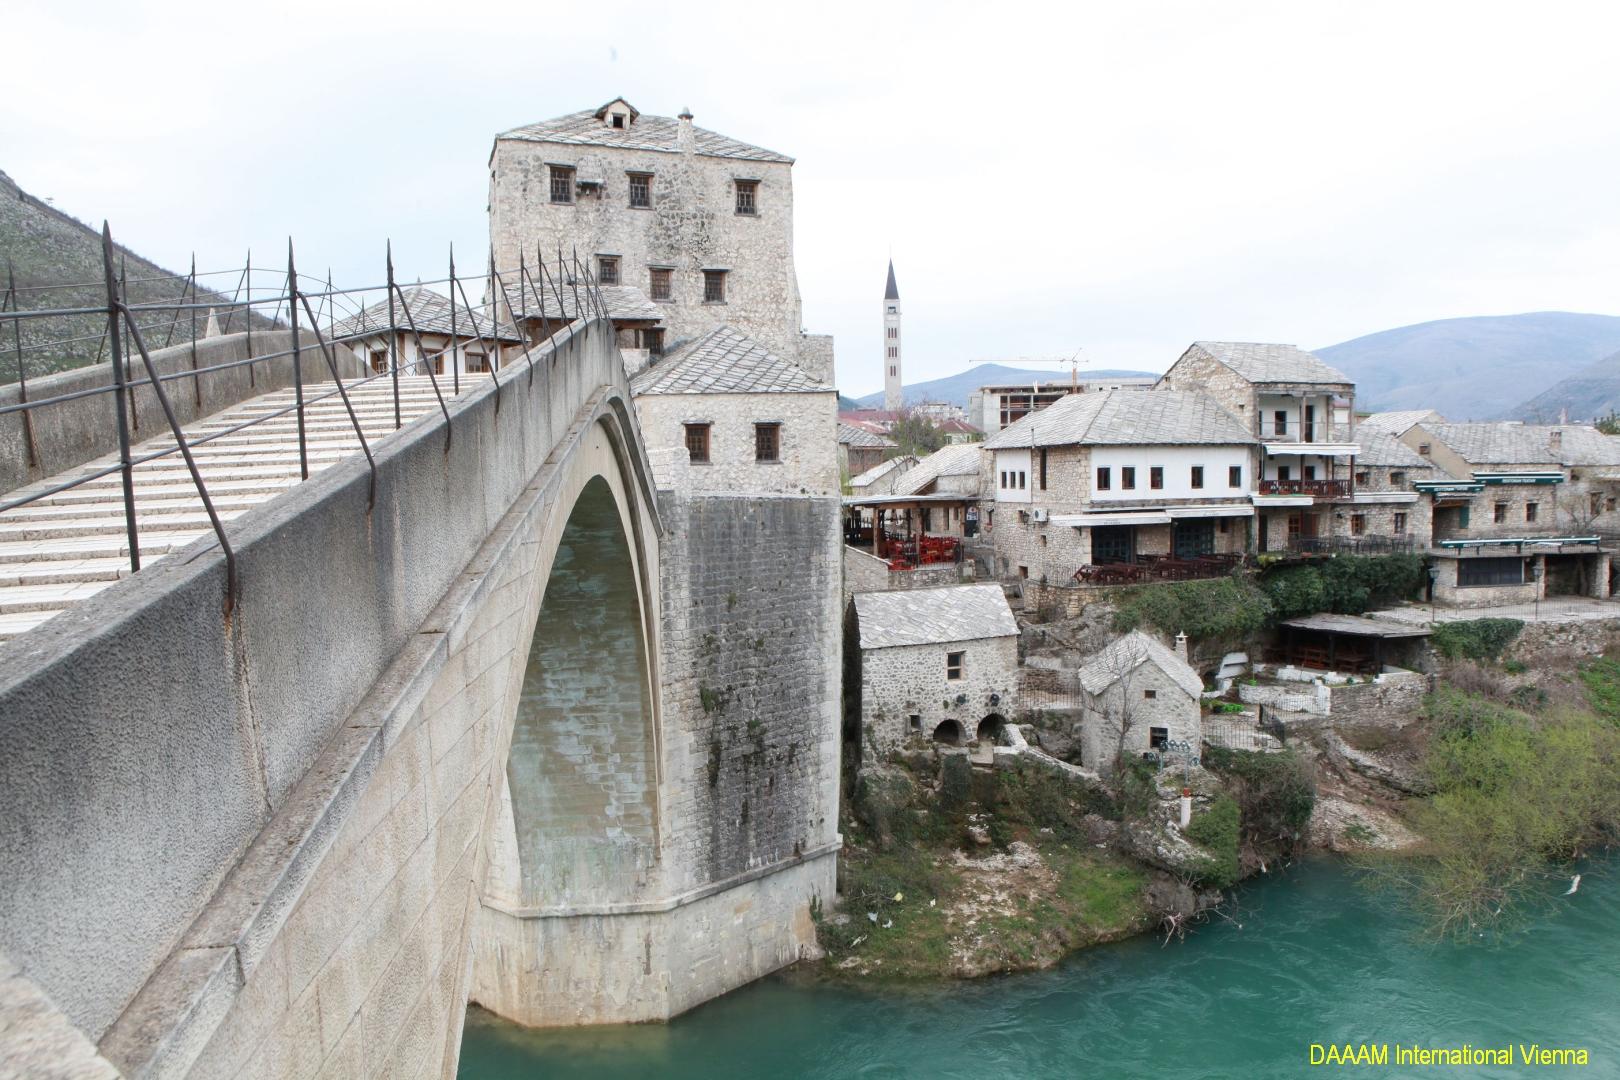 DAAAM_2016_Mostar_01_Magic_City_of_Mostar_072